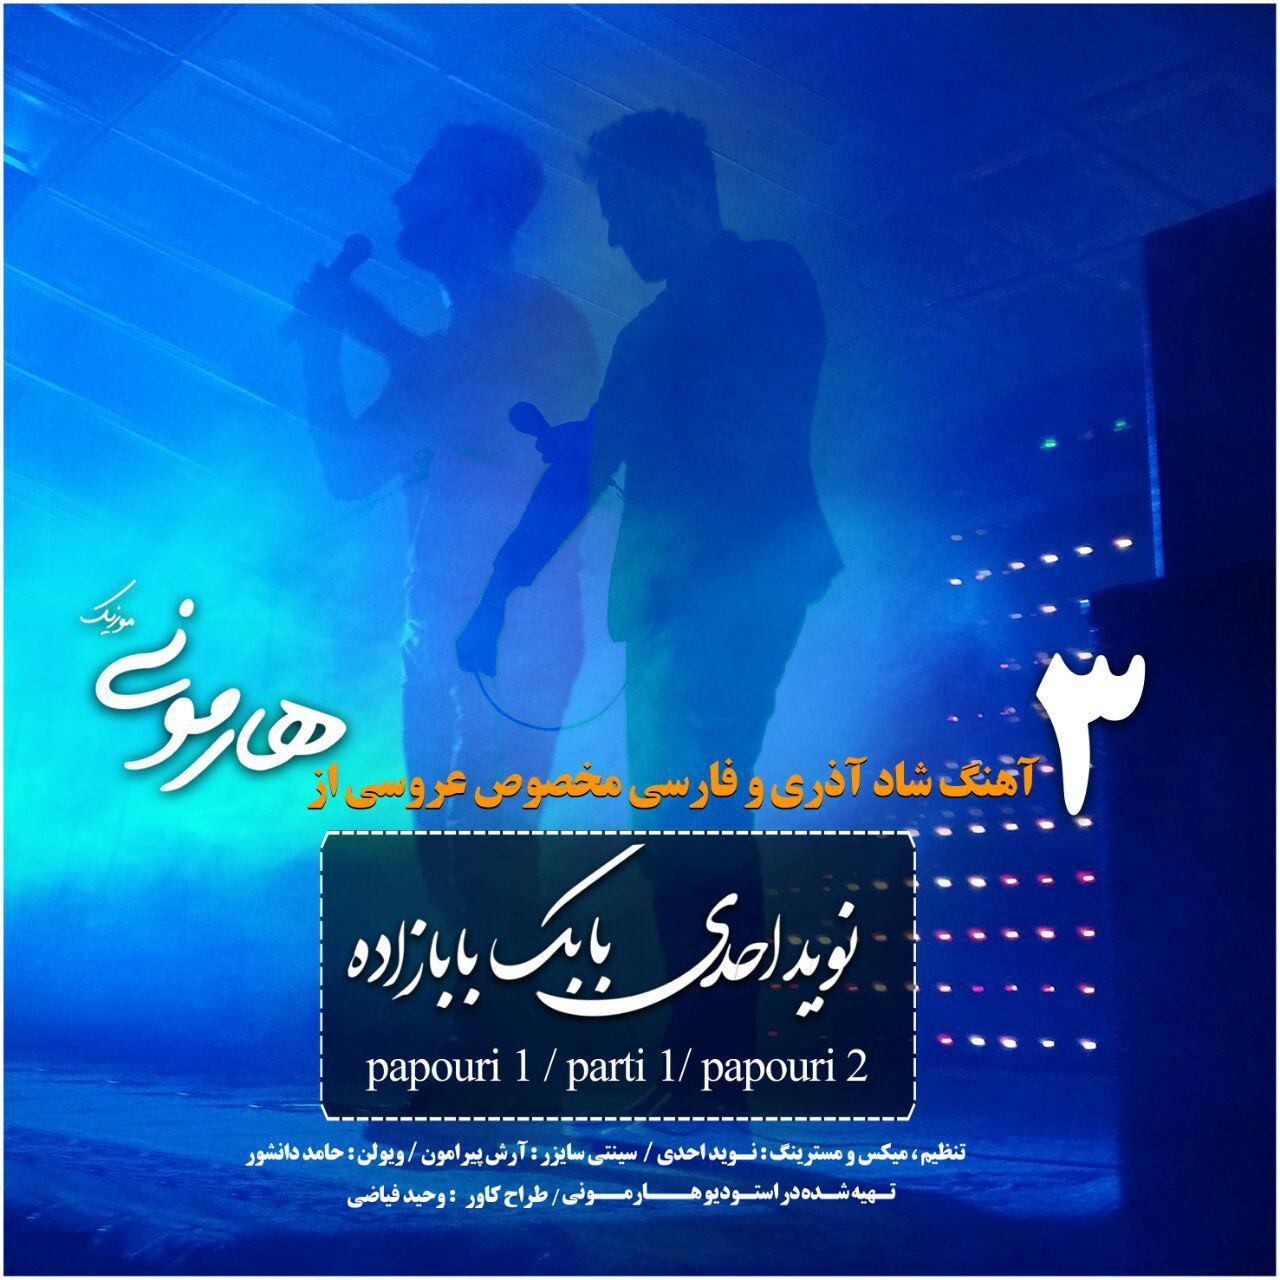 دانلود سه آهنگ جدید و شاد بابک بابازاده و نوید احدی